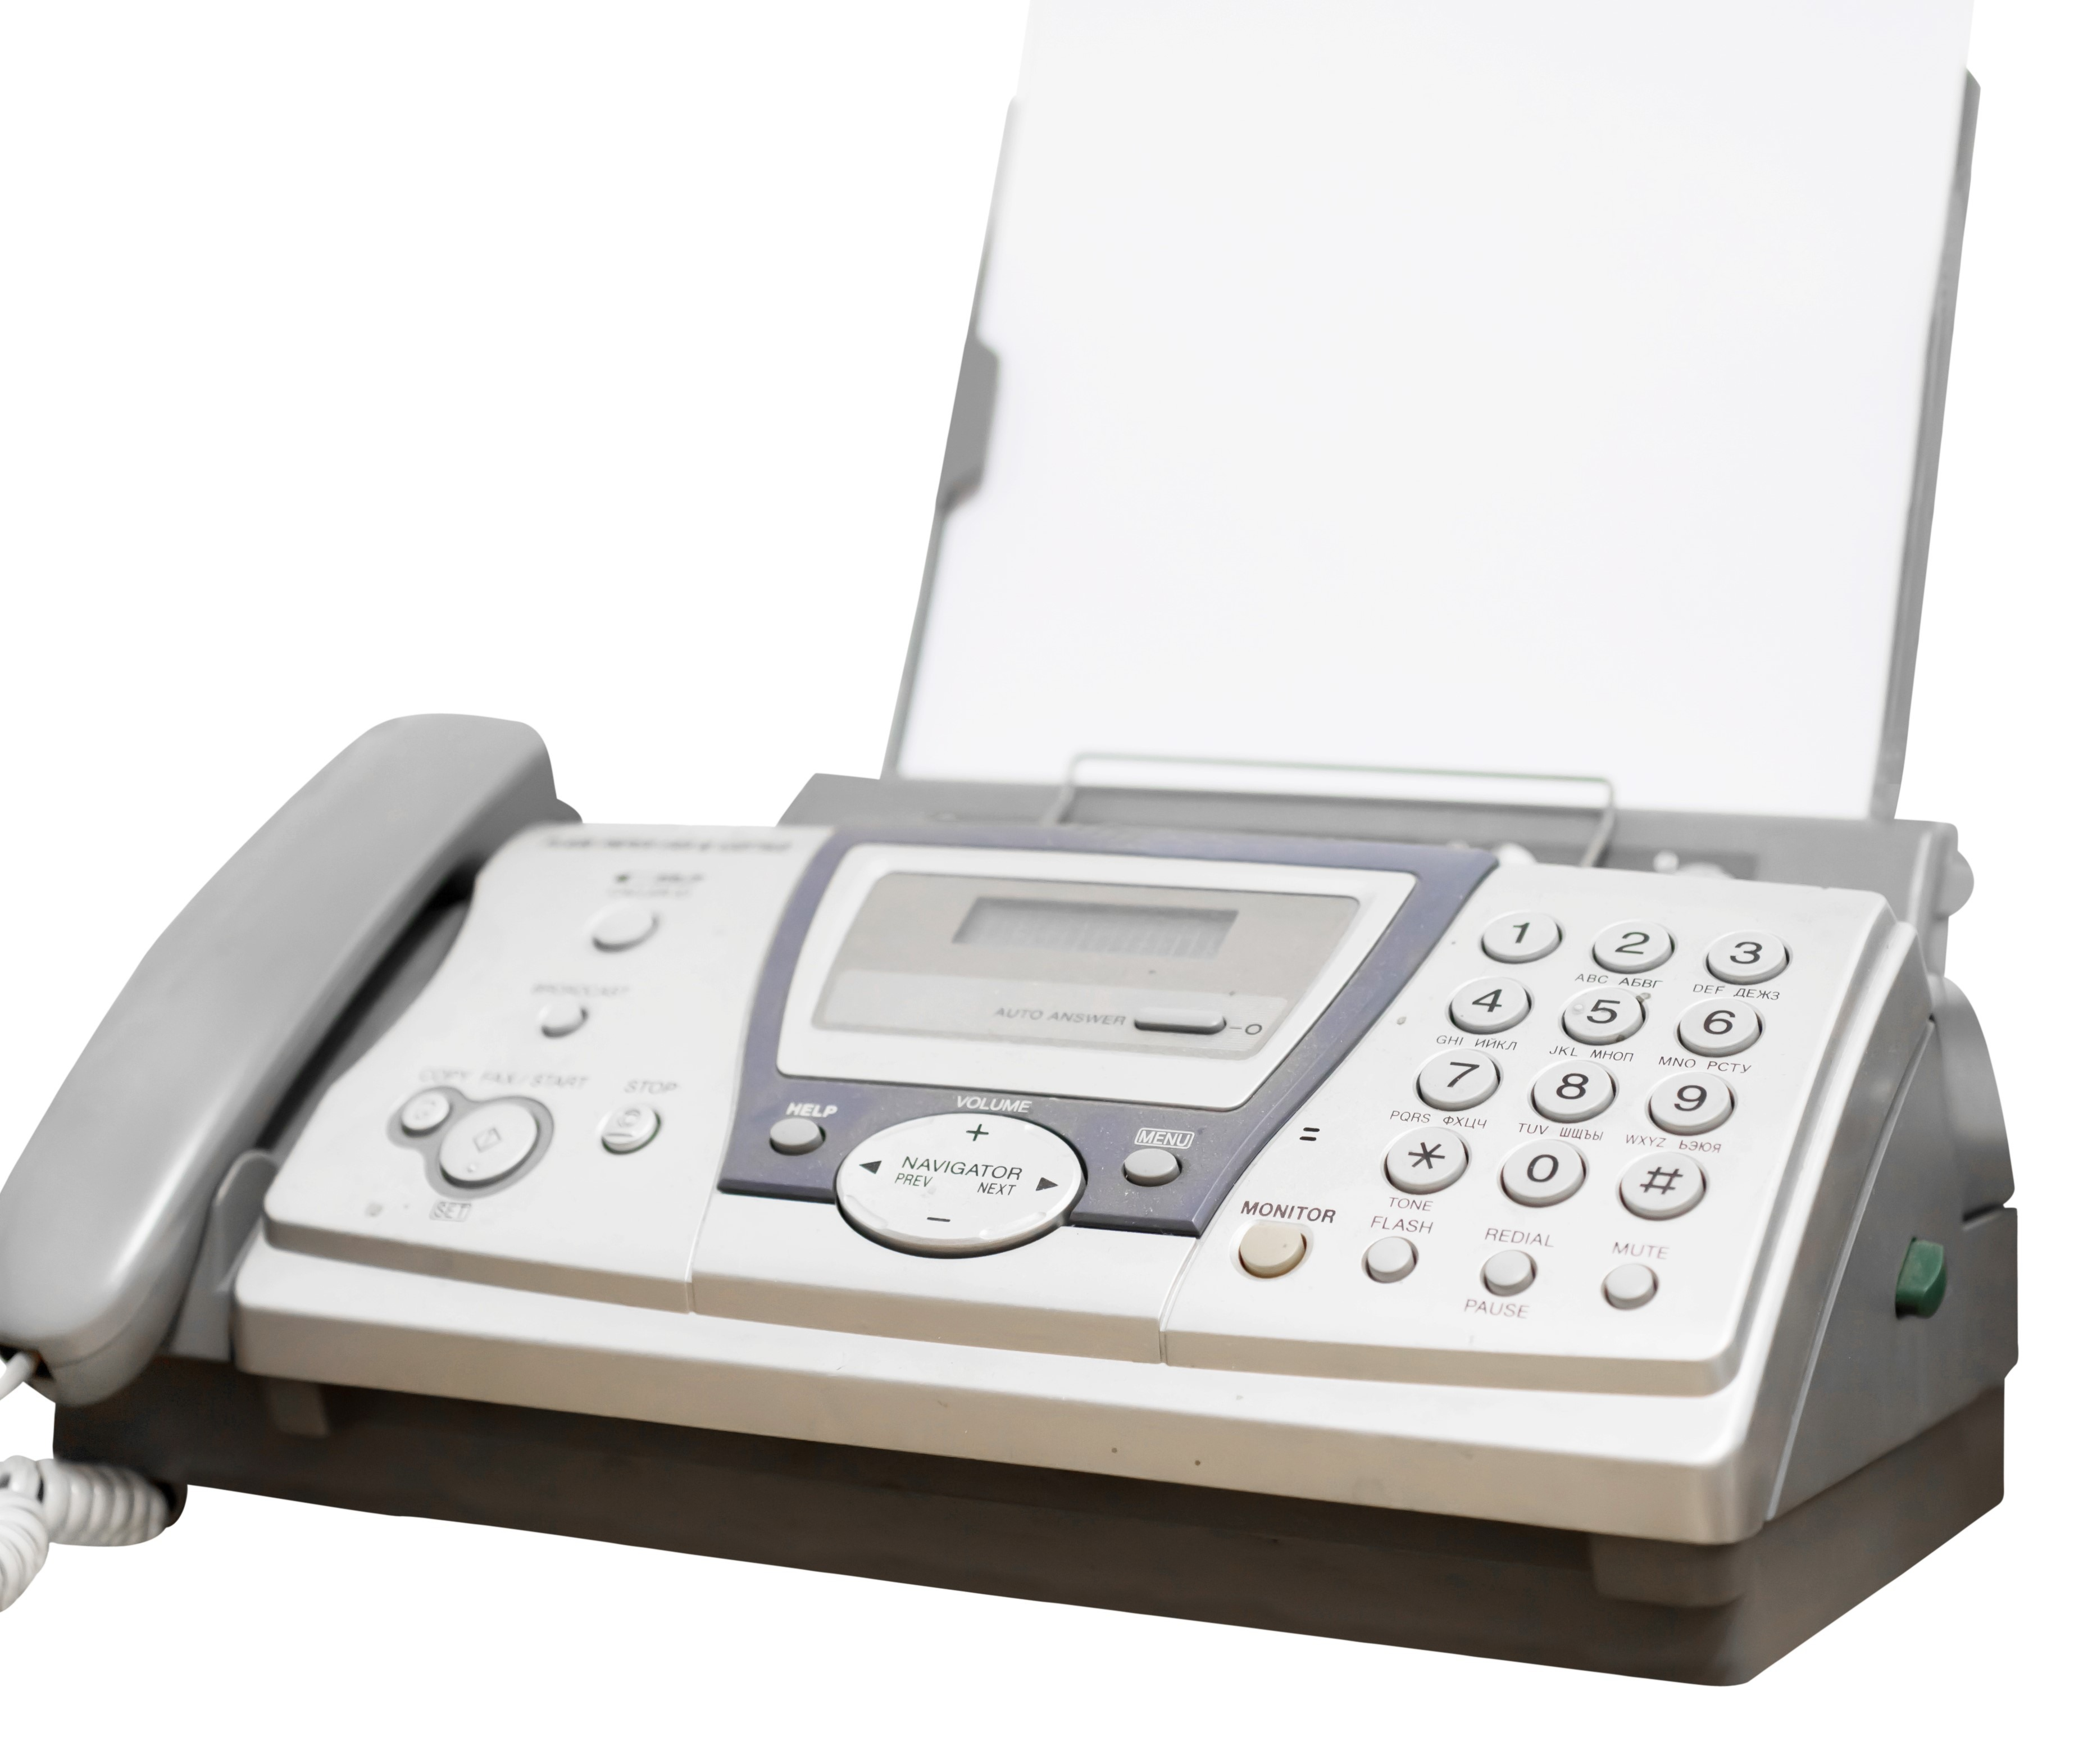 Å gå fra papir til e-resept skal på sikt spare tid og minske feil. Men det tar tid i begynnelsen. (Illustrasjonsfoto: Colourbox)